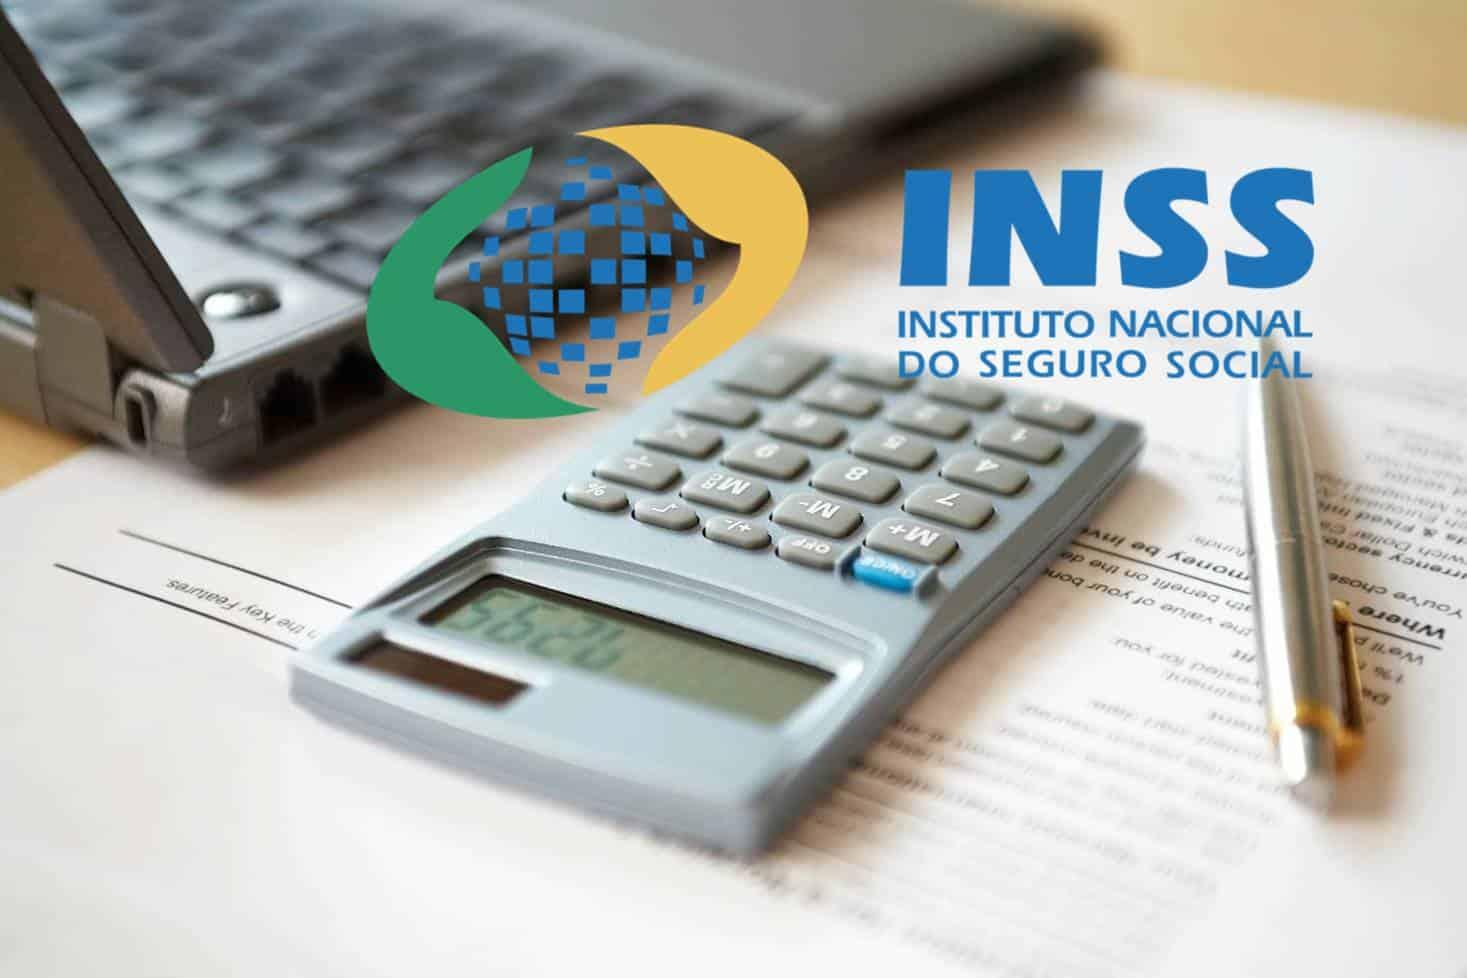 Nova tabela de abatimento do INSS é divulgada para todos trabalhadores